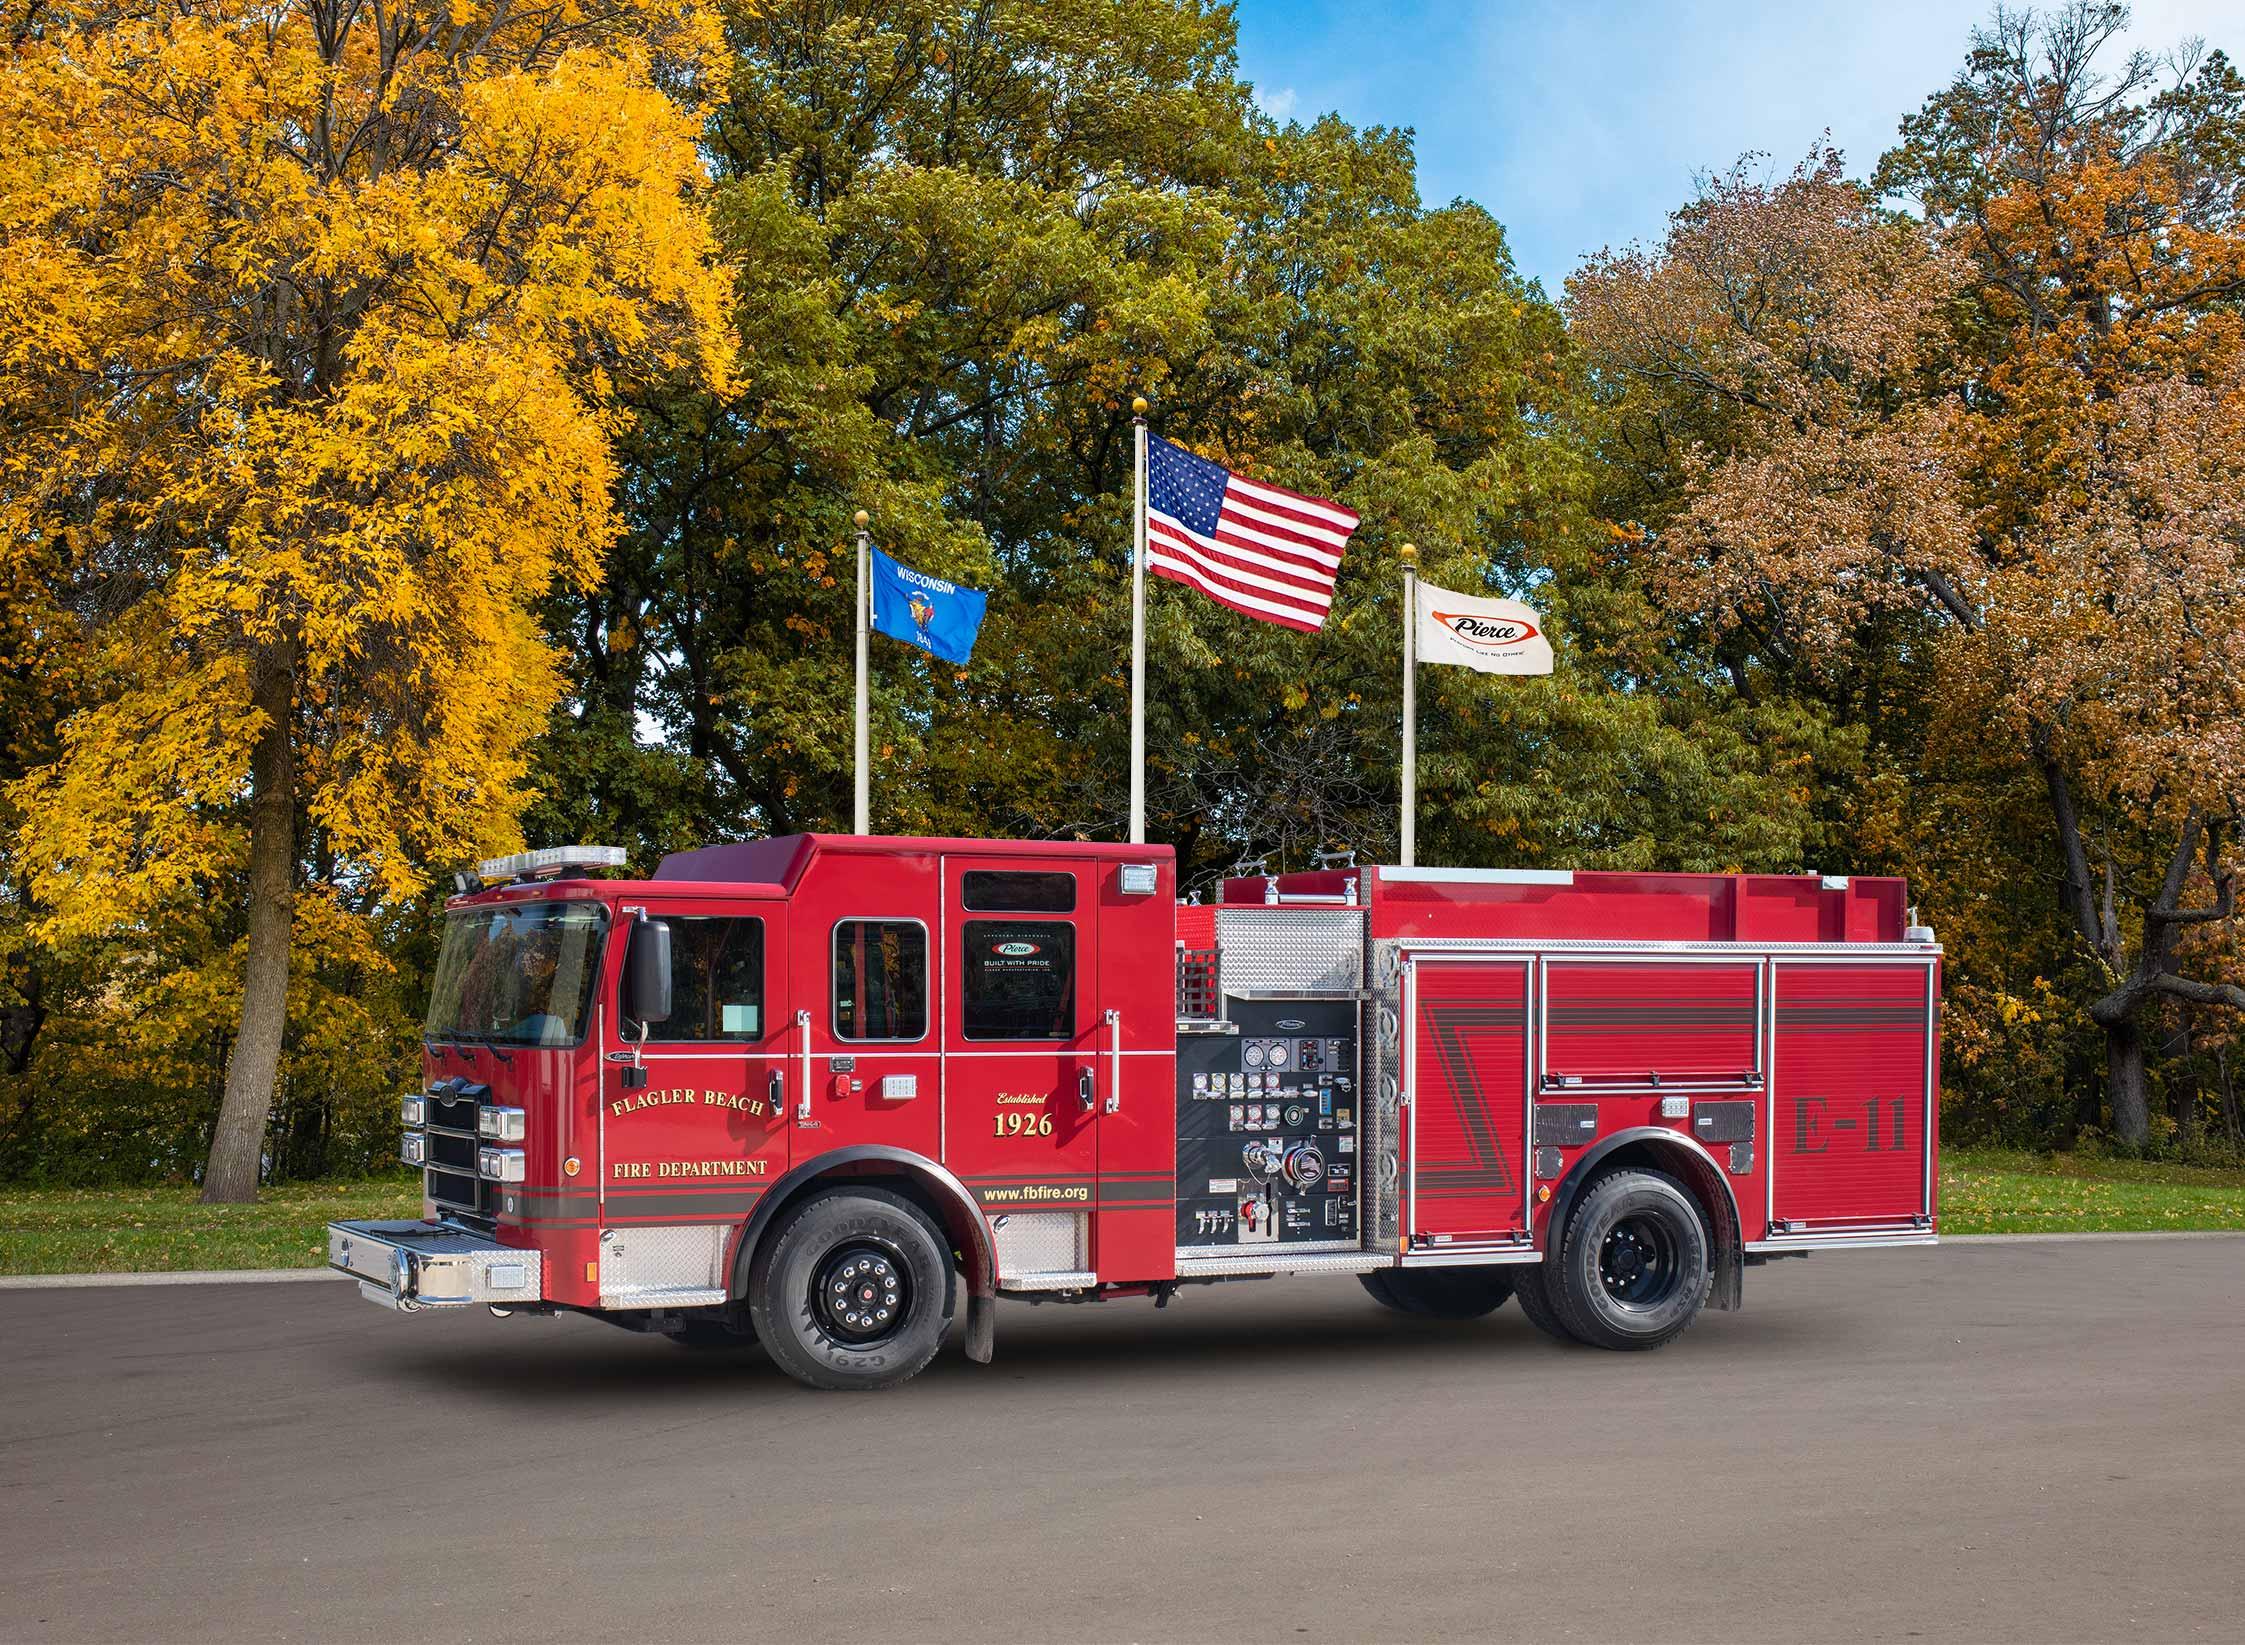 Flagler Beach Fire Department - Pumper